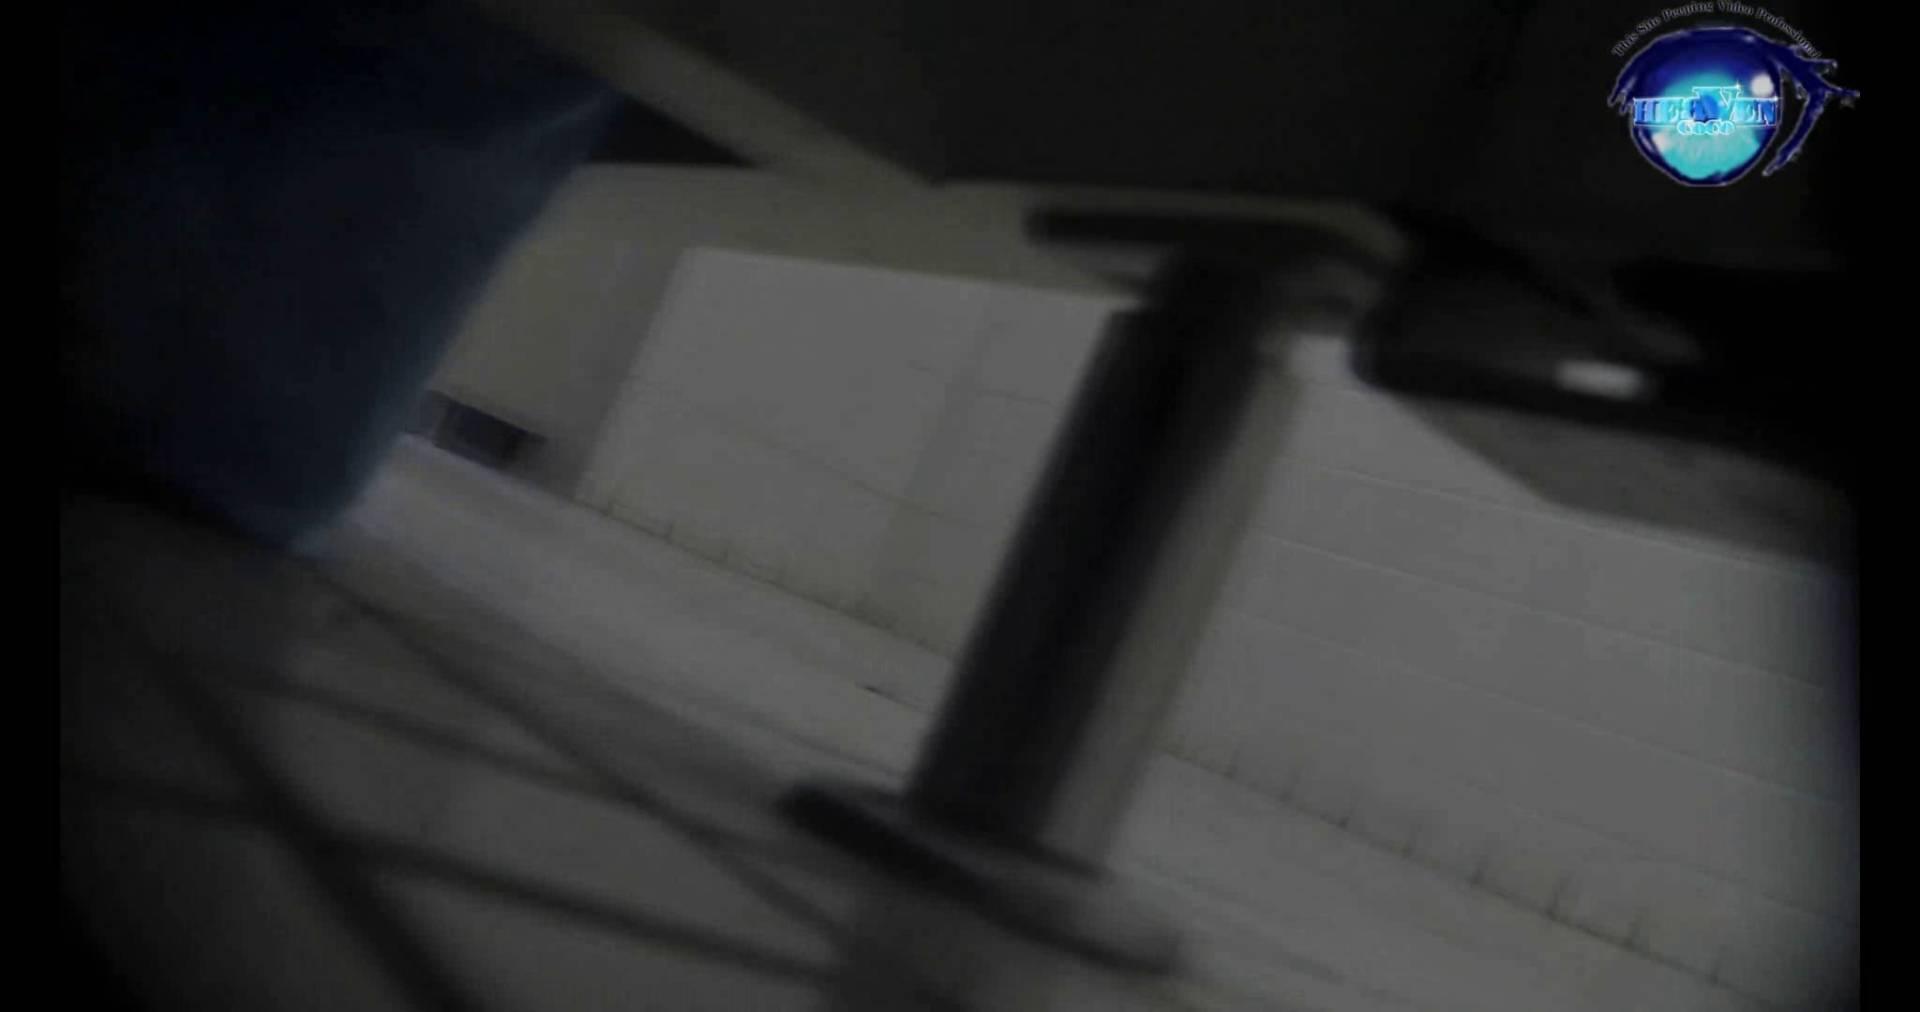 お銀さんの洗面所突入レポート!!vol.72 あのかわいい子がついフロント撮り実演 洗面所 | バックショット  55連発 4